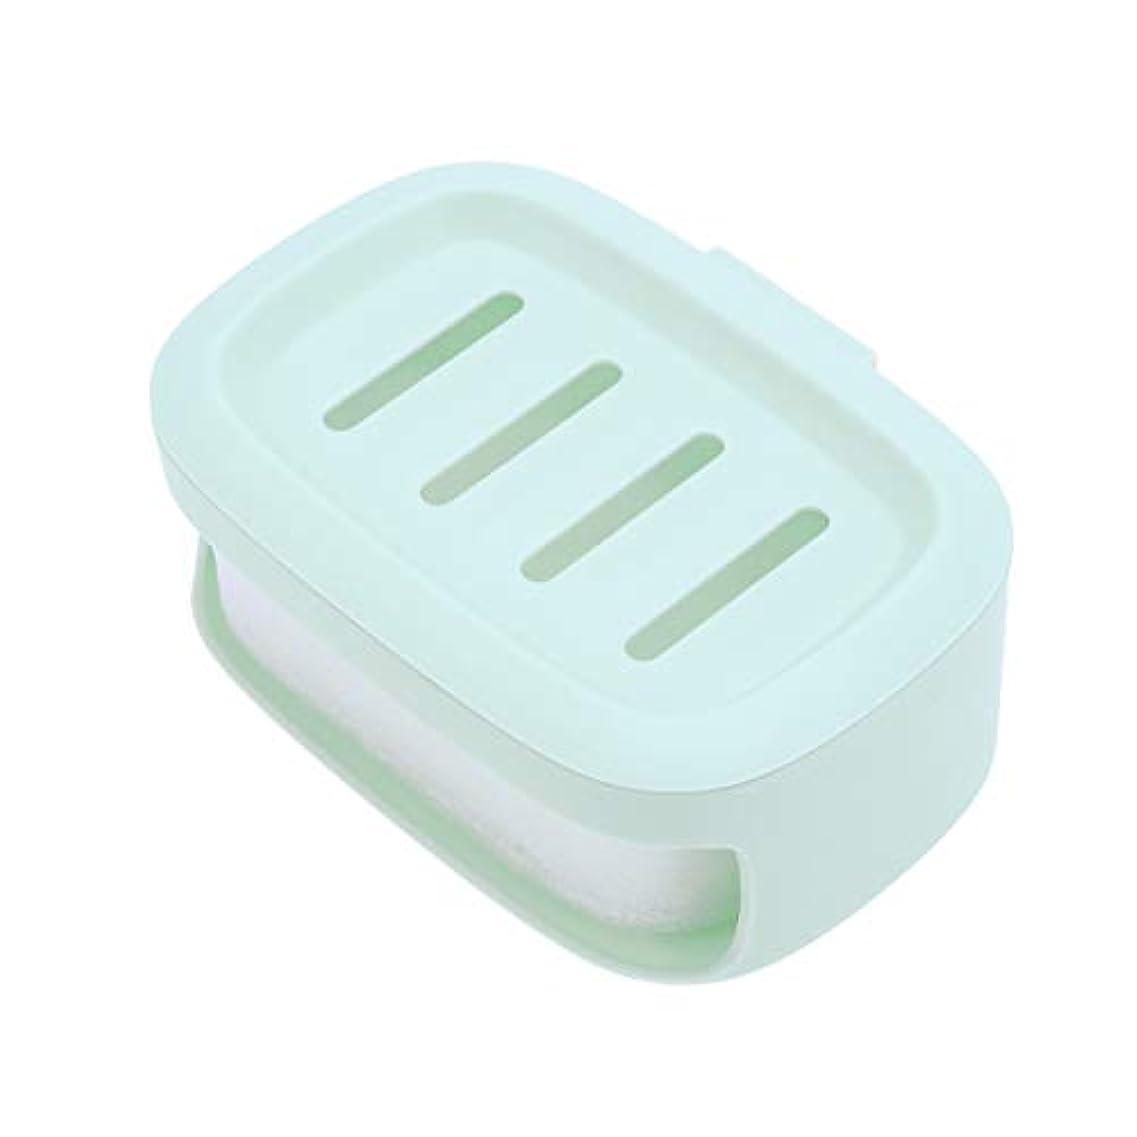 フィードバック輝く献身Healifty ソープボックス防水シールソープコンテナソープホルダー(ライトグリーン)